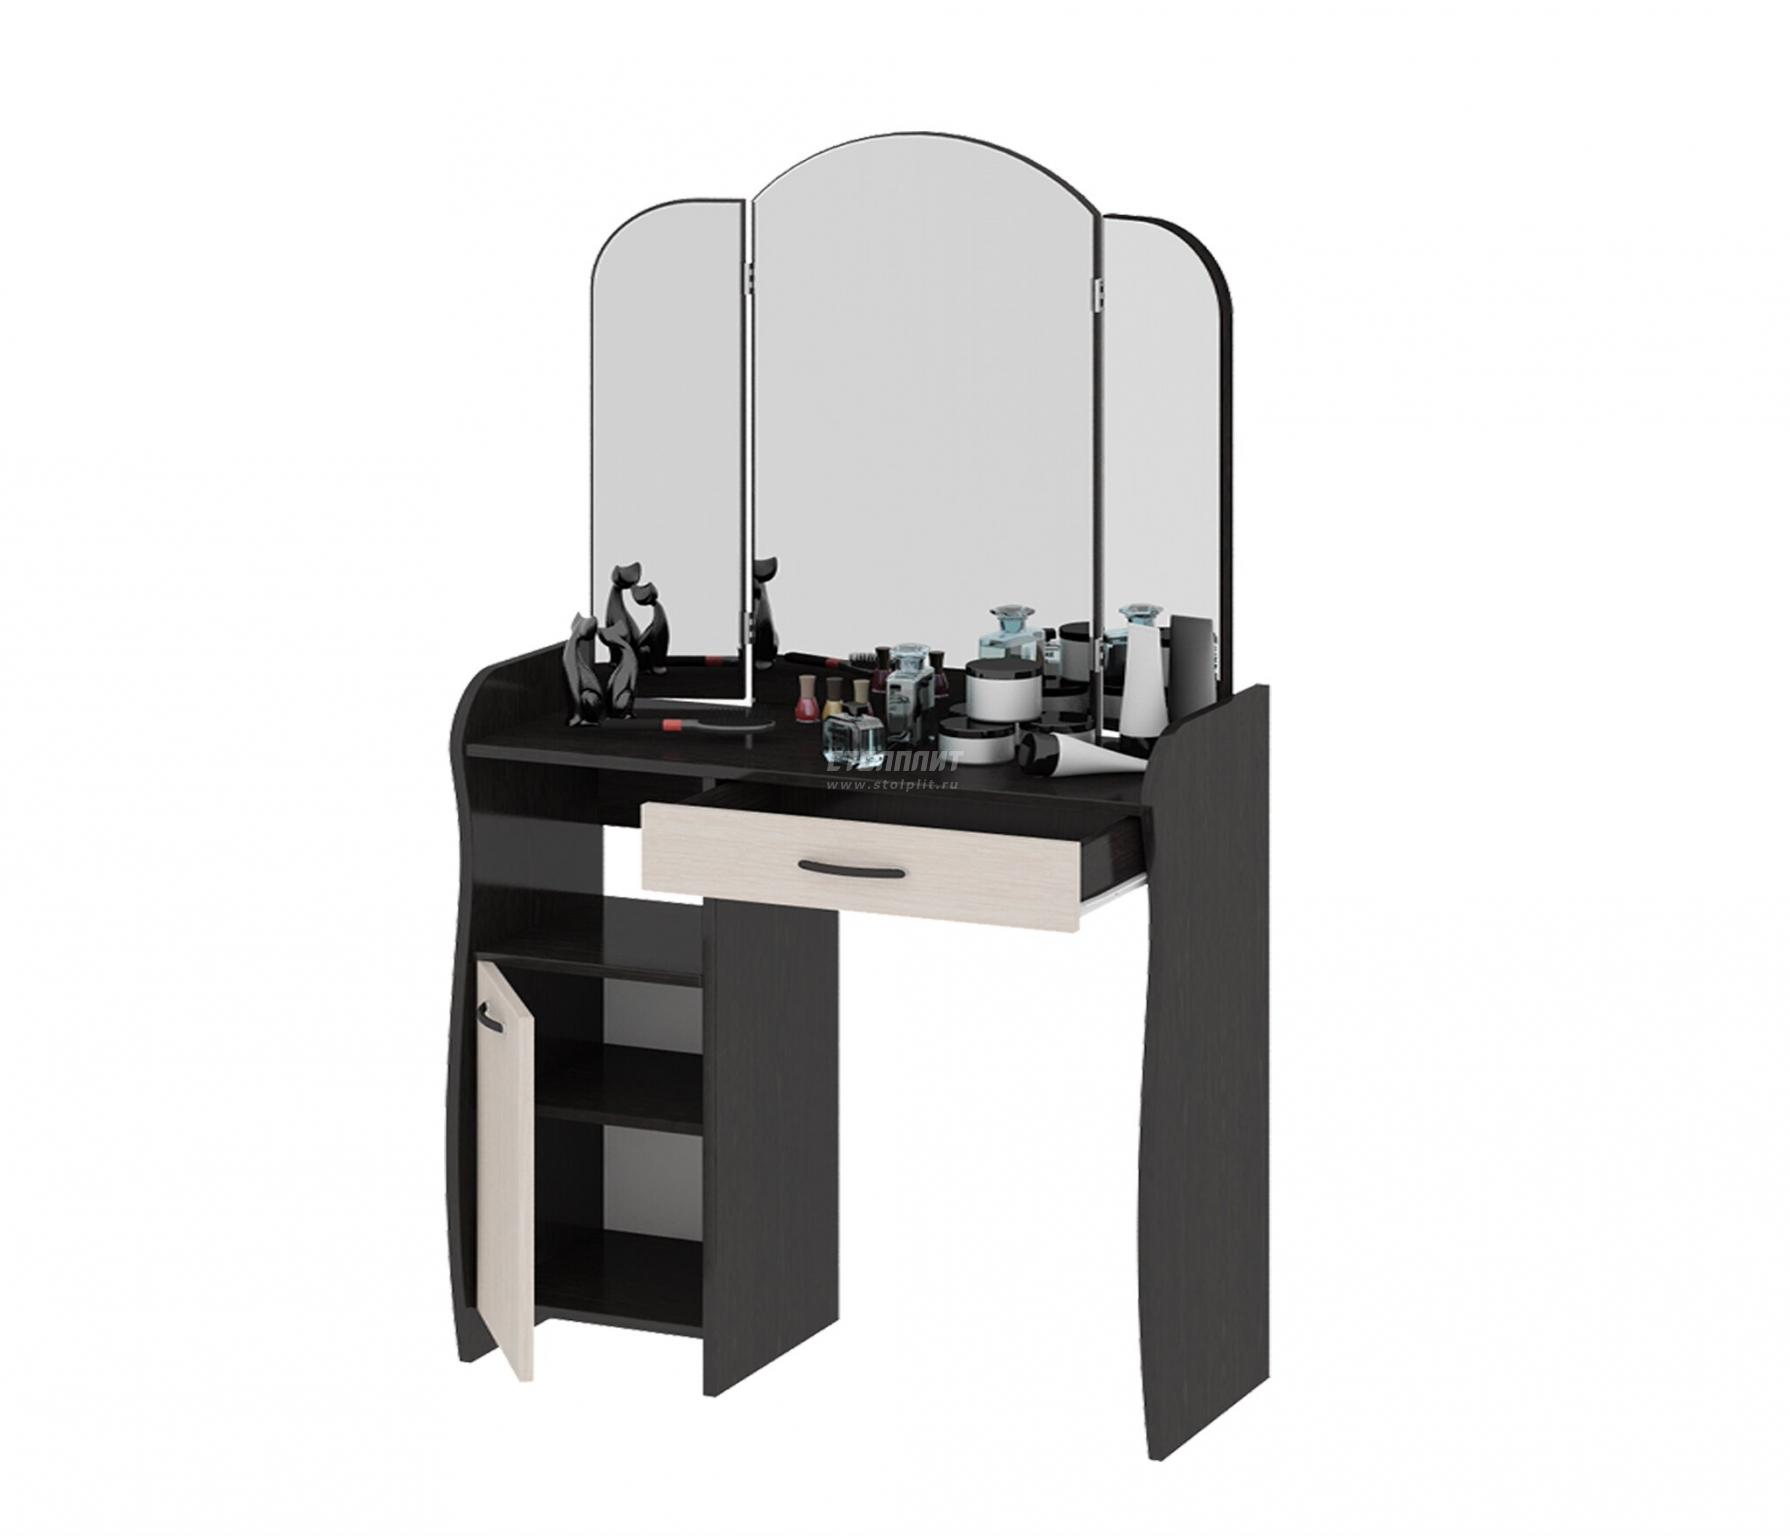 Столики для косметики с зеркалом купить в спб от производителя недорого косметика для макияжа глаз купить